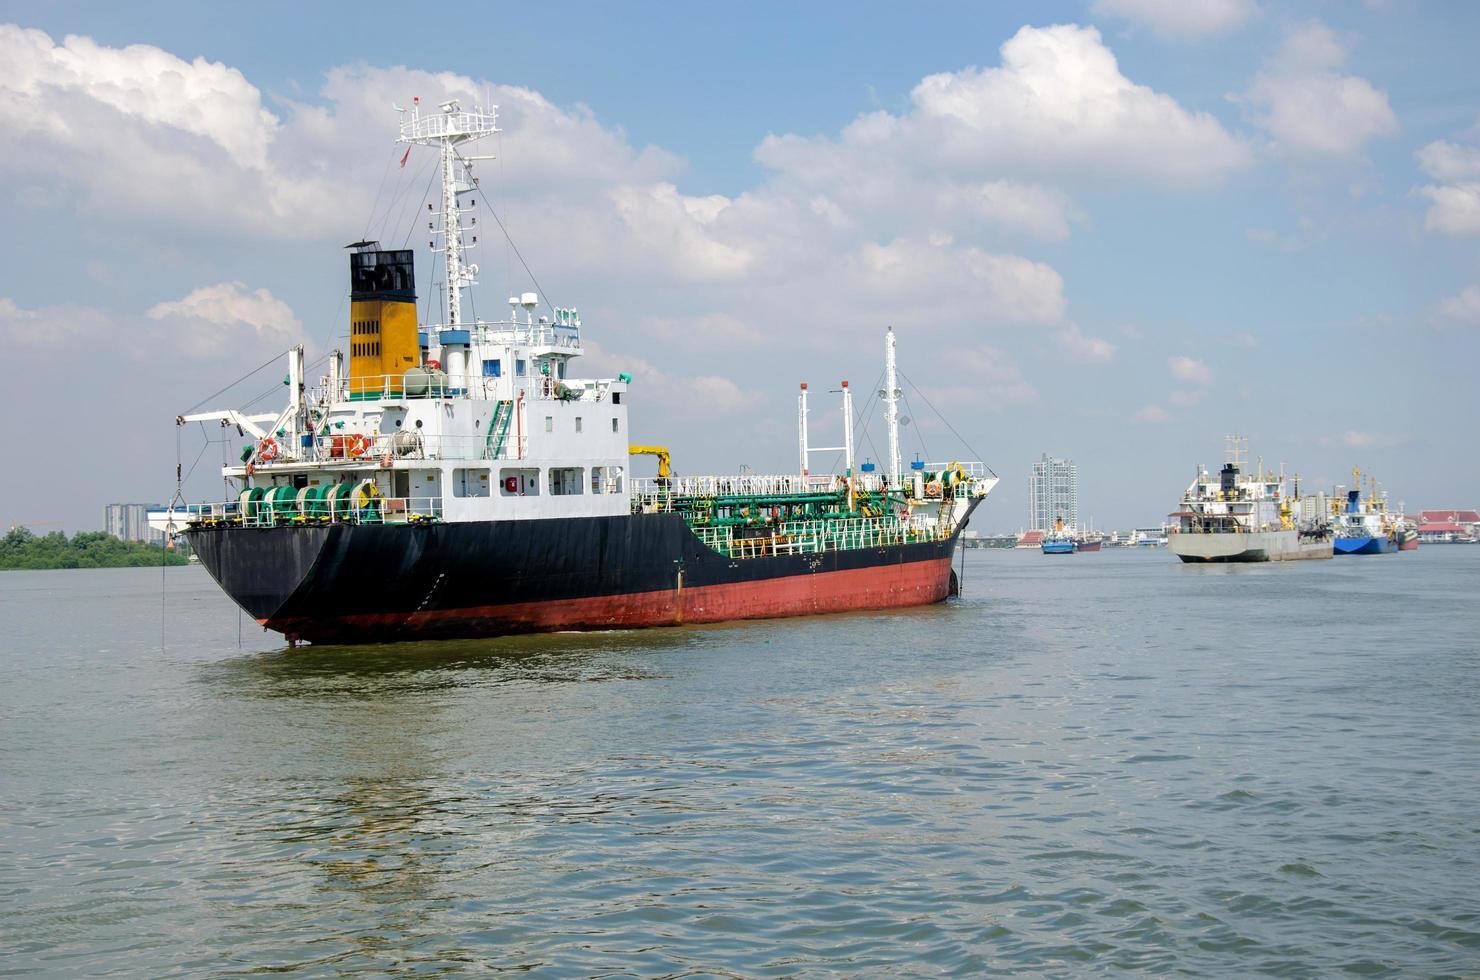 navire cargo en mer photo